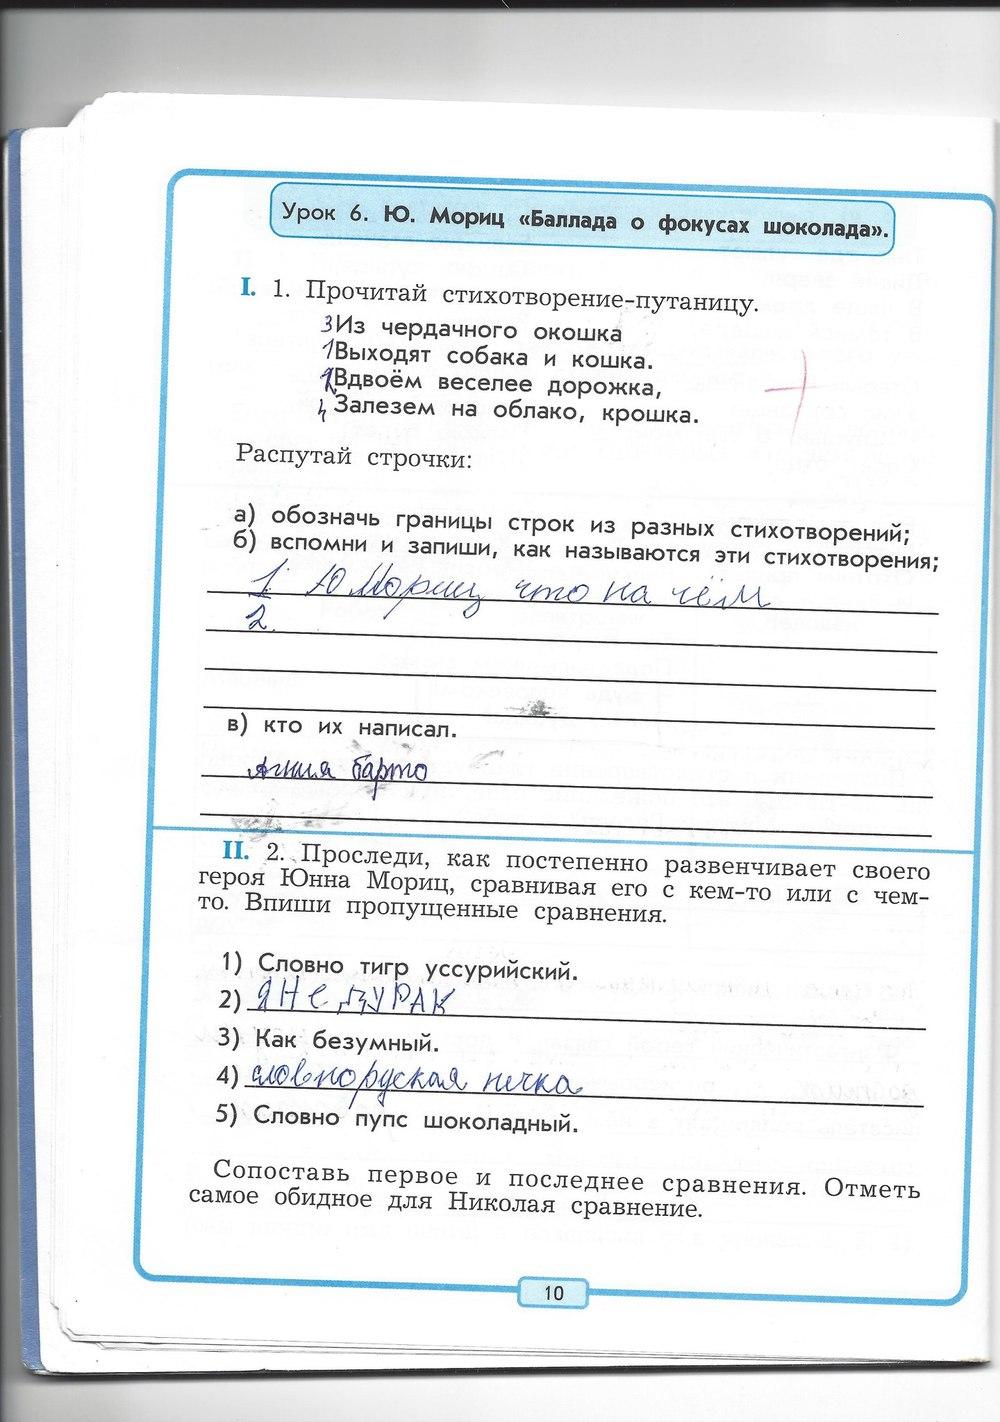 Гдз по литературе 4 класс бунеев бунеева чиндилова страница